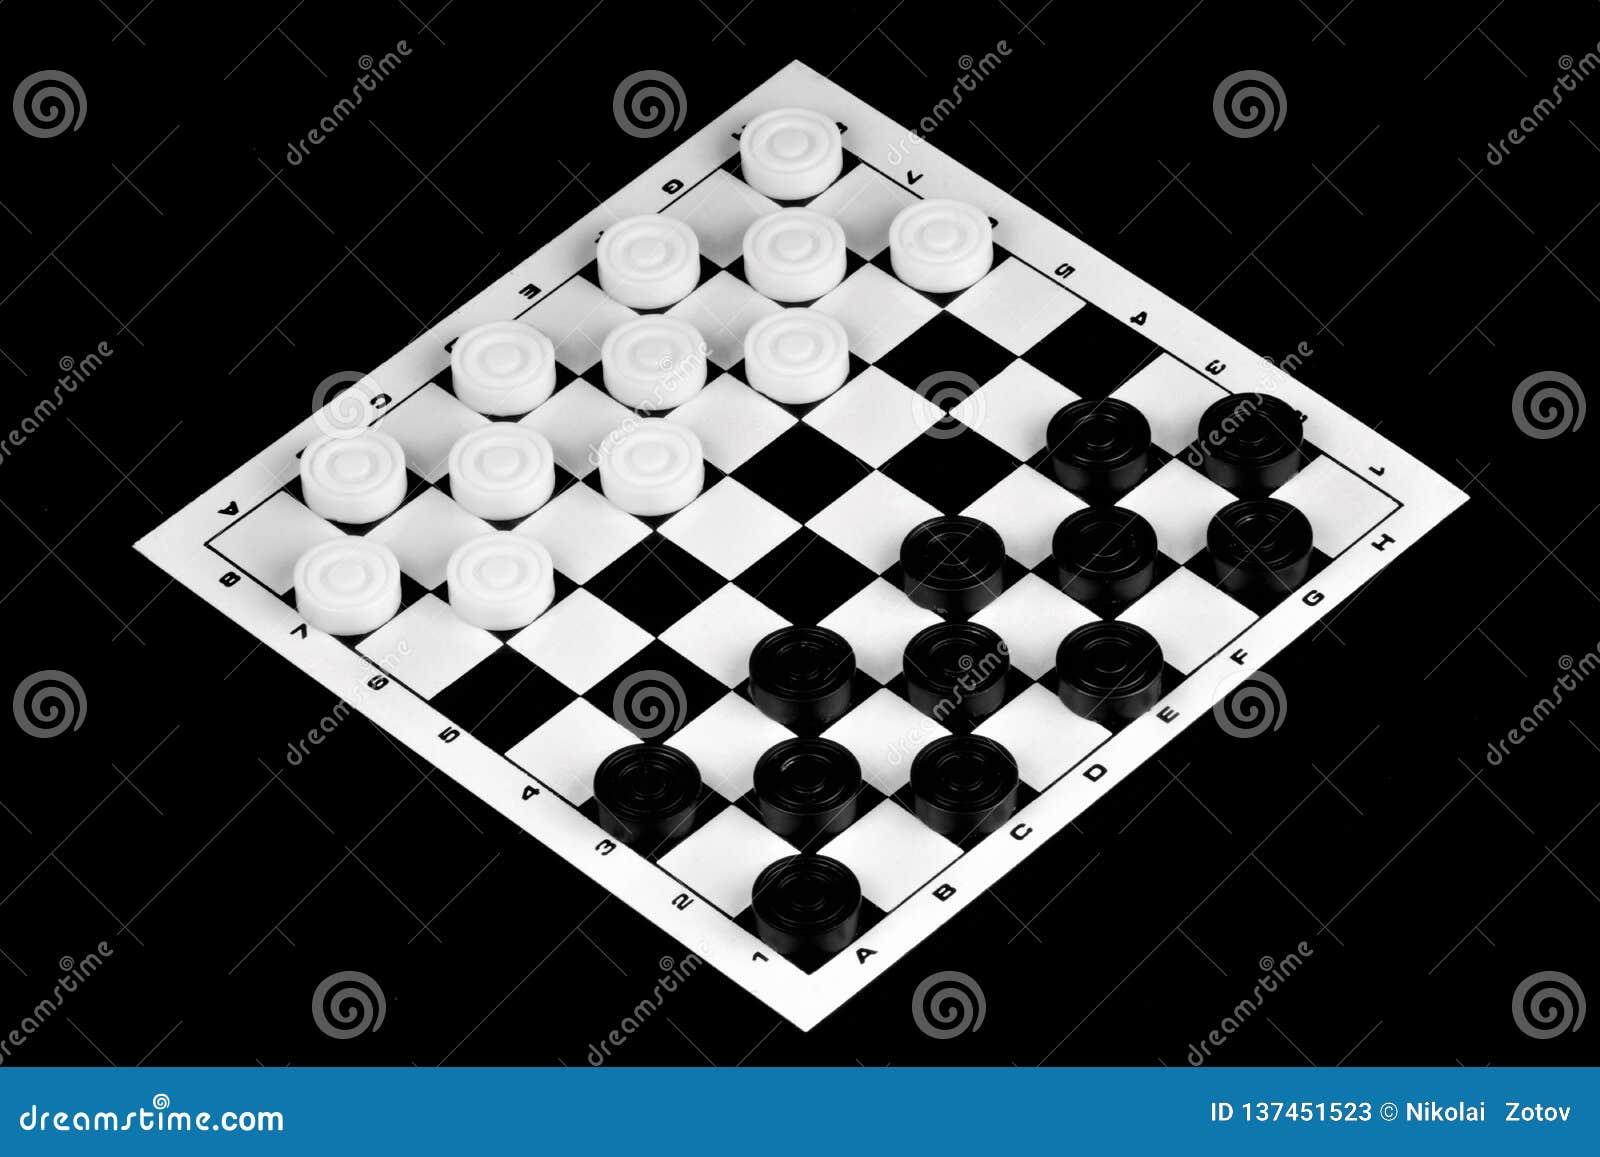 验查员是与特别黑白片断的一场普遍的古老委员会逻辑对抗性比赛,在两的一个细胞板